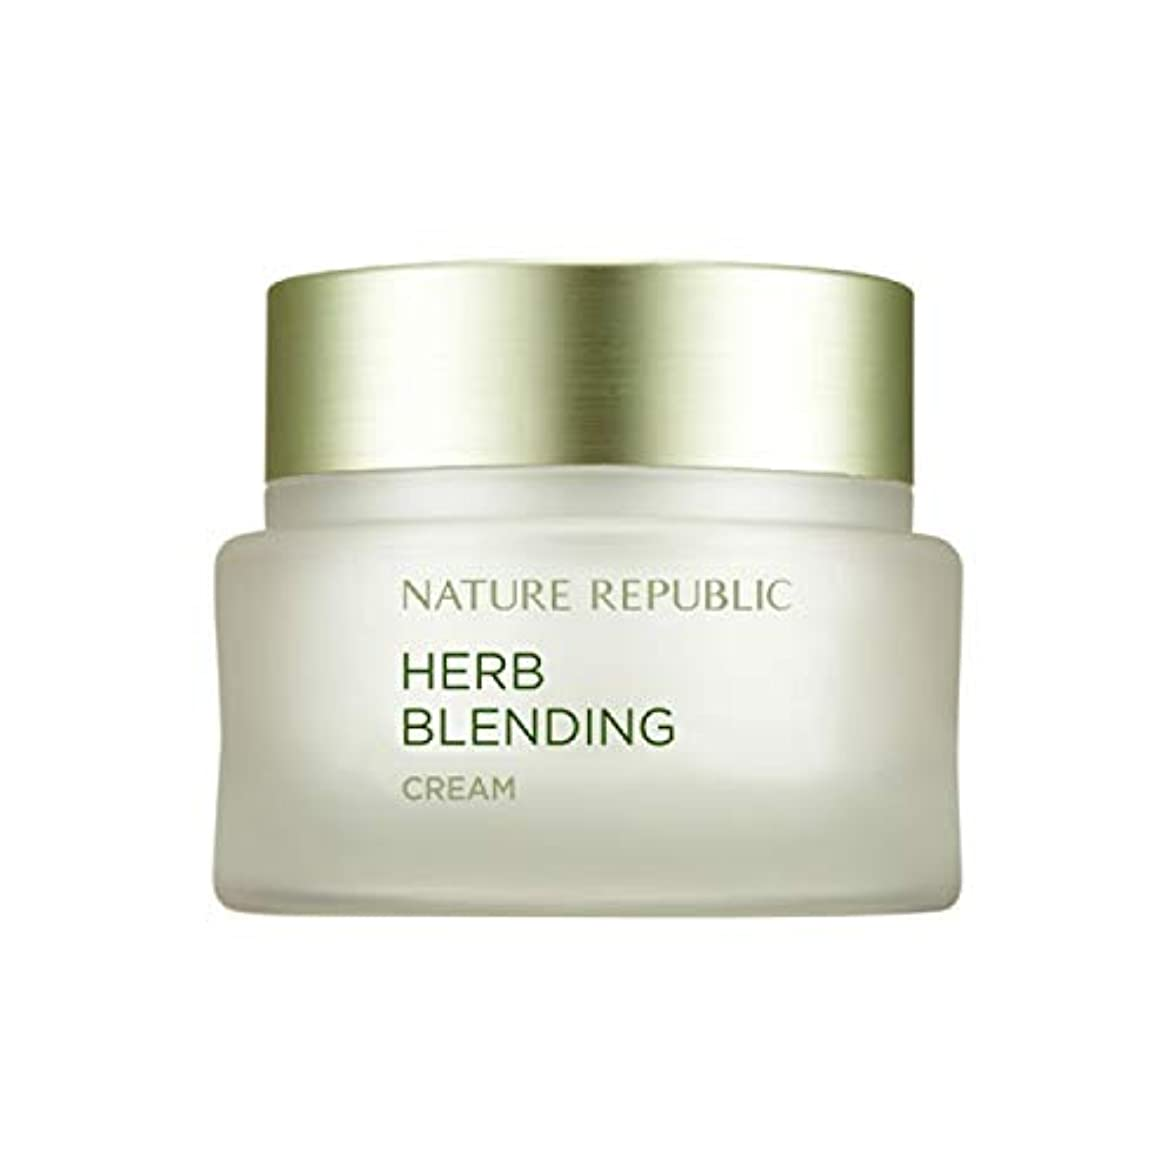 バンカー戦争高度ネイチャーリパブリック(Nature Republic)ハブブレンドクリーム 50ml / Herb Blending Cream 50ml :: 韓国コスメ [並行輸入品]